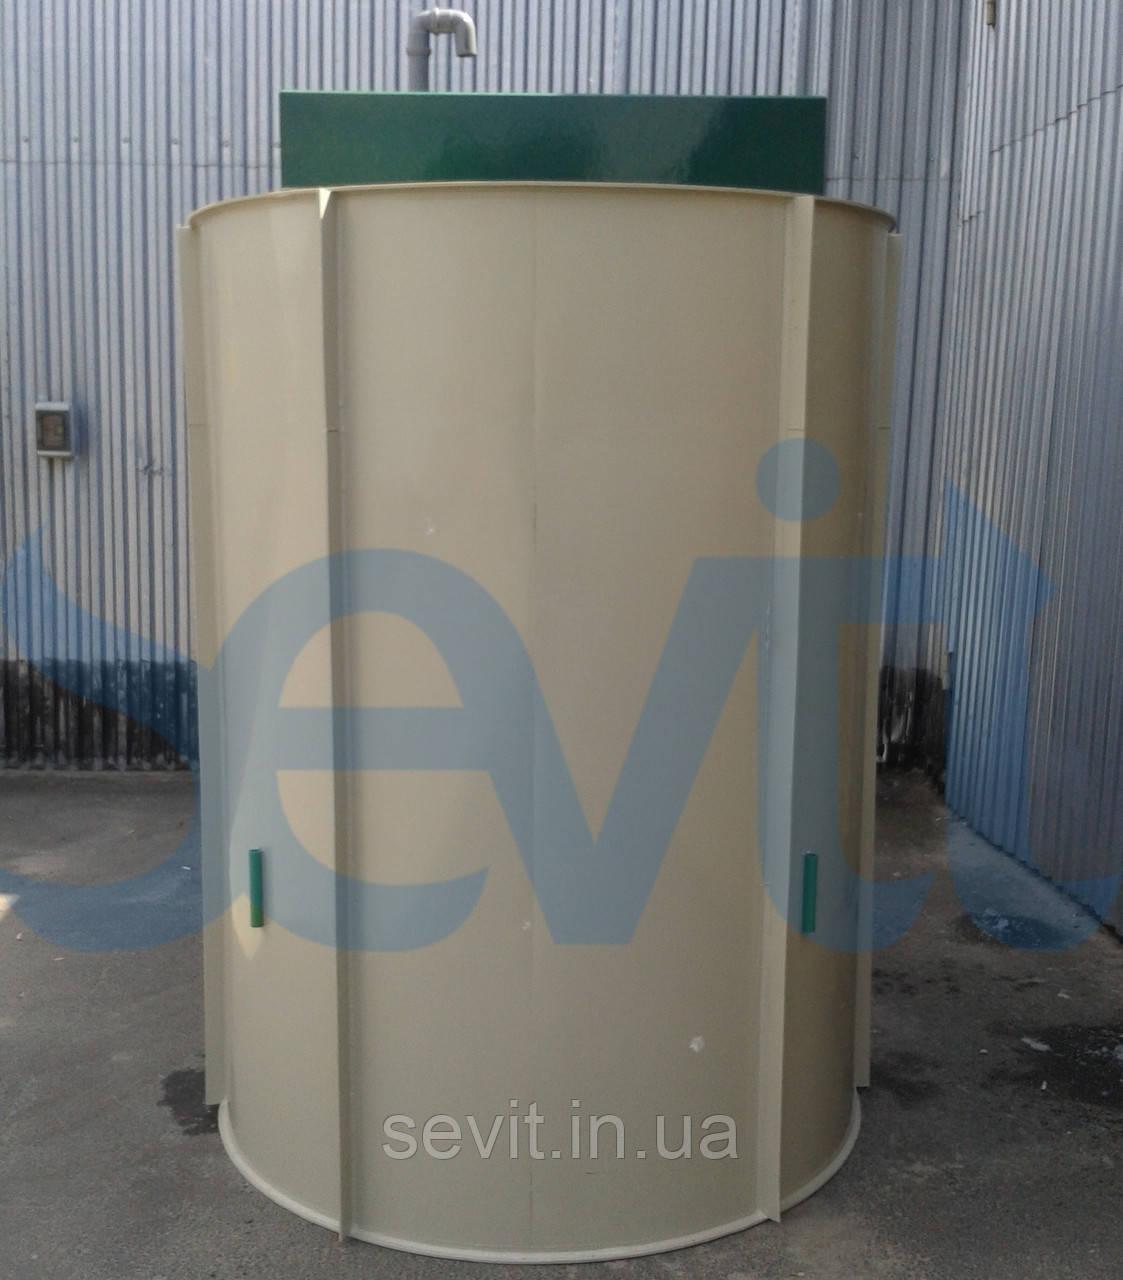 Станция биологической очистки сточных вод BioProtec F-15,0 усиленный корпус для монтажа в грунт